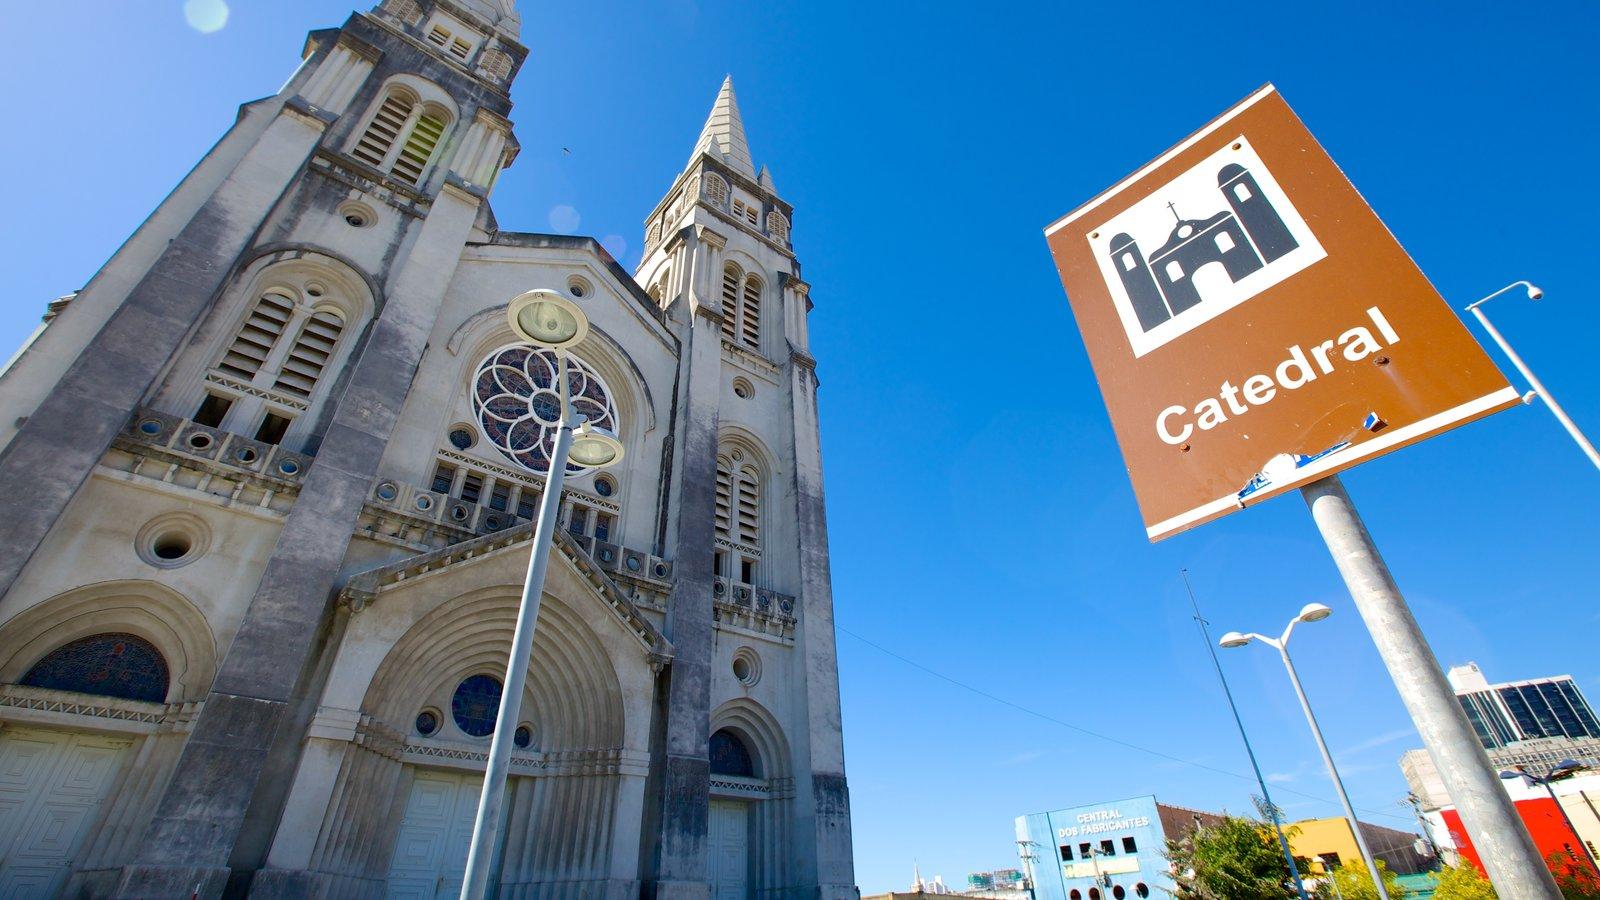 Catedral da Sé caracterizando uma igreja ou catedral e sinalização